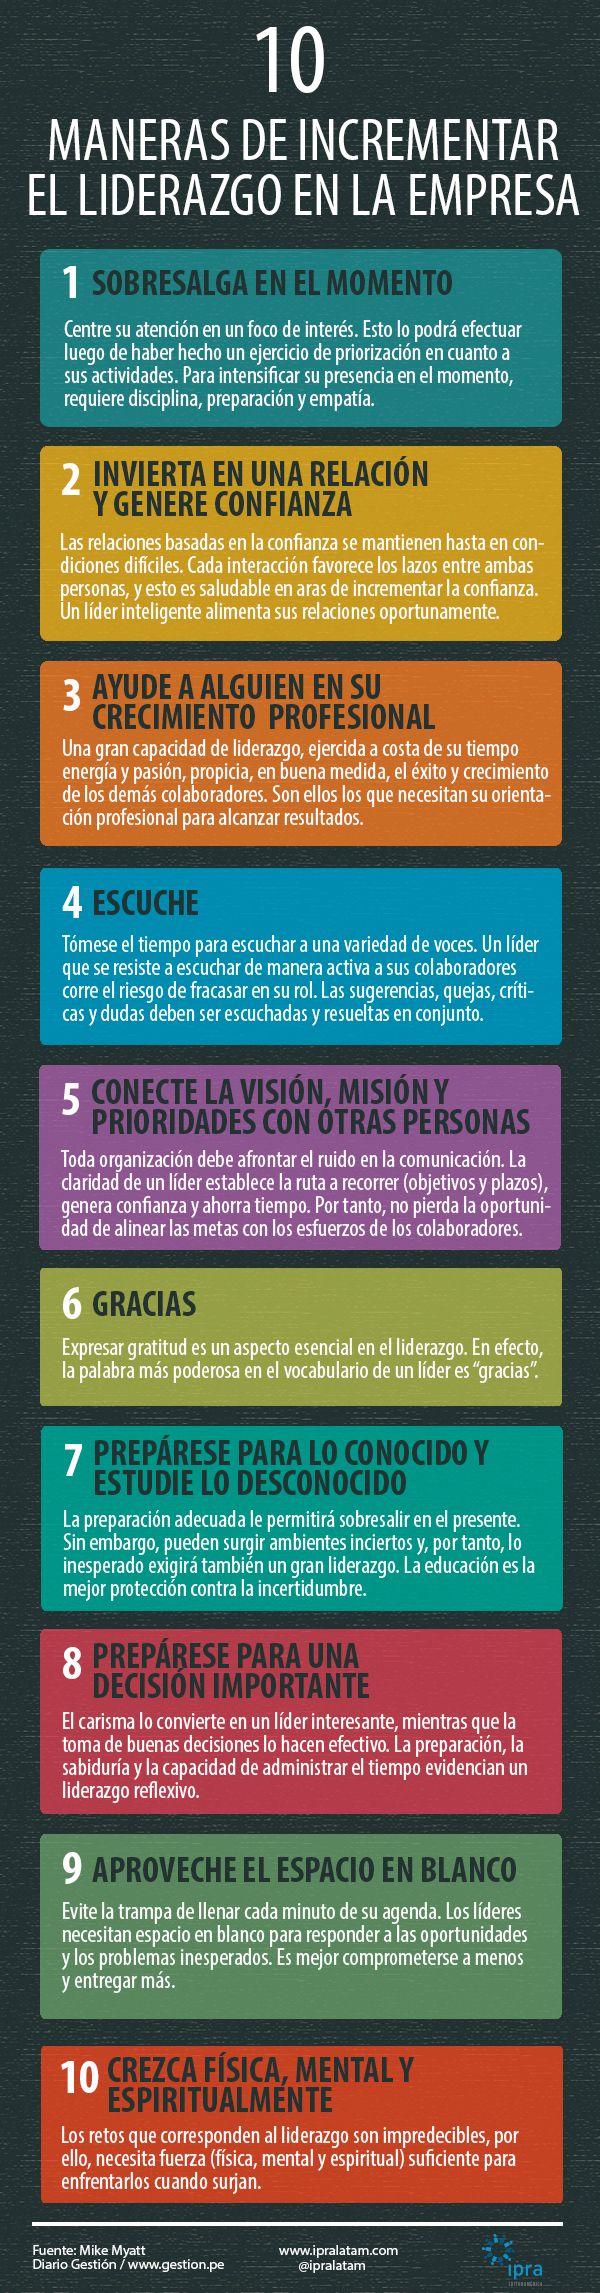 Diez maneras de incrementar el #liderazgo en la empresa.